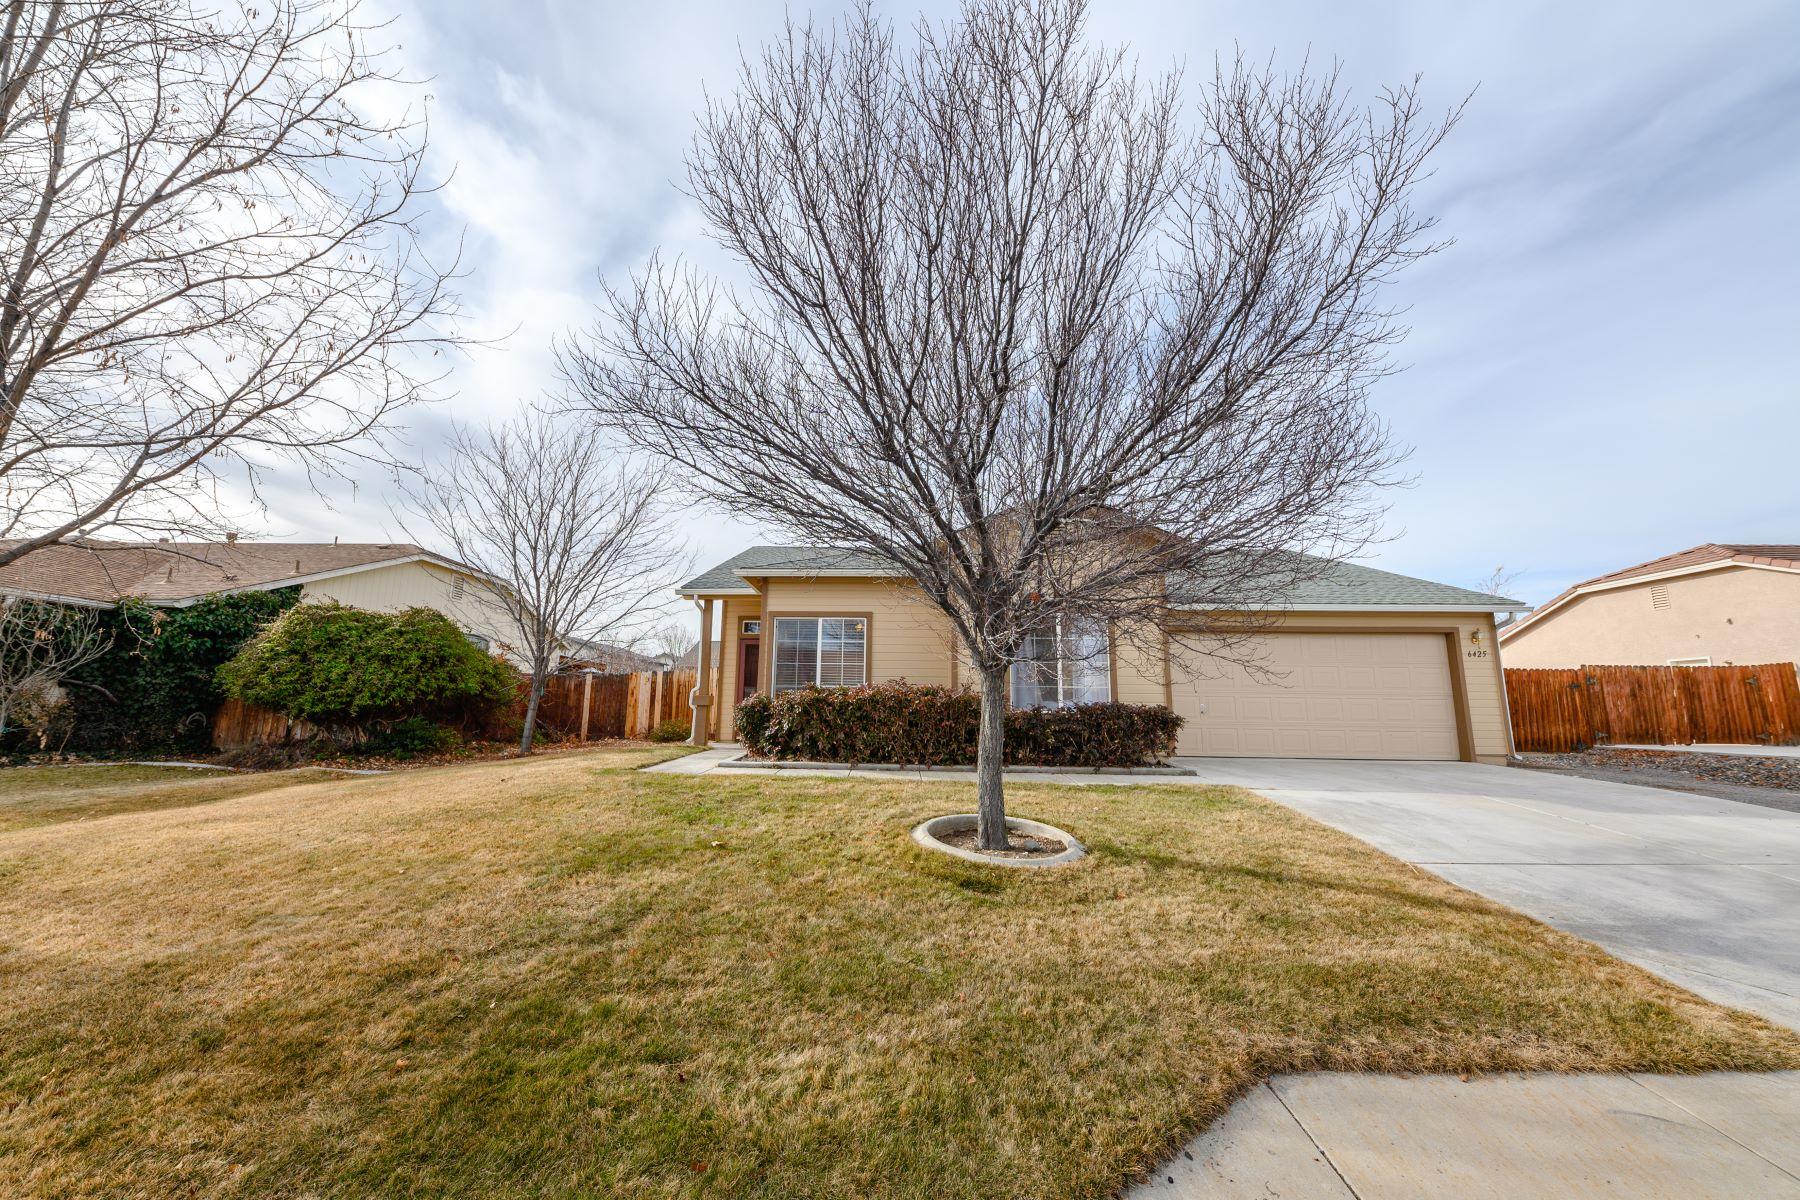 Property 为 销售 在 6425 Adobe Springs, Sparks NV 89436 6425 Adobe Springs Court 斯帕克斯, 内华达州 89436 美国